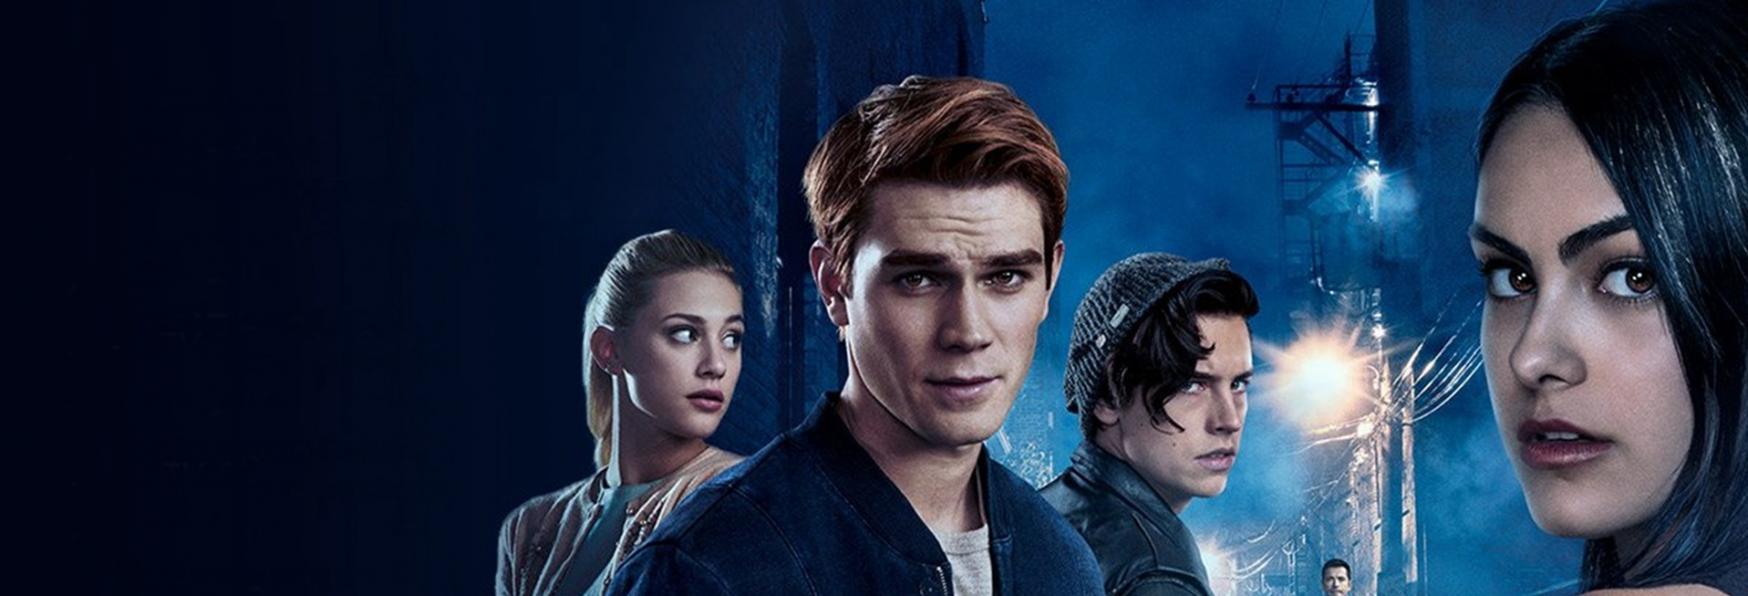 Riverdale: la Recensione dell'Episodio 4x05 della Serie TV di The CW